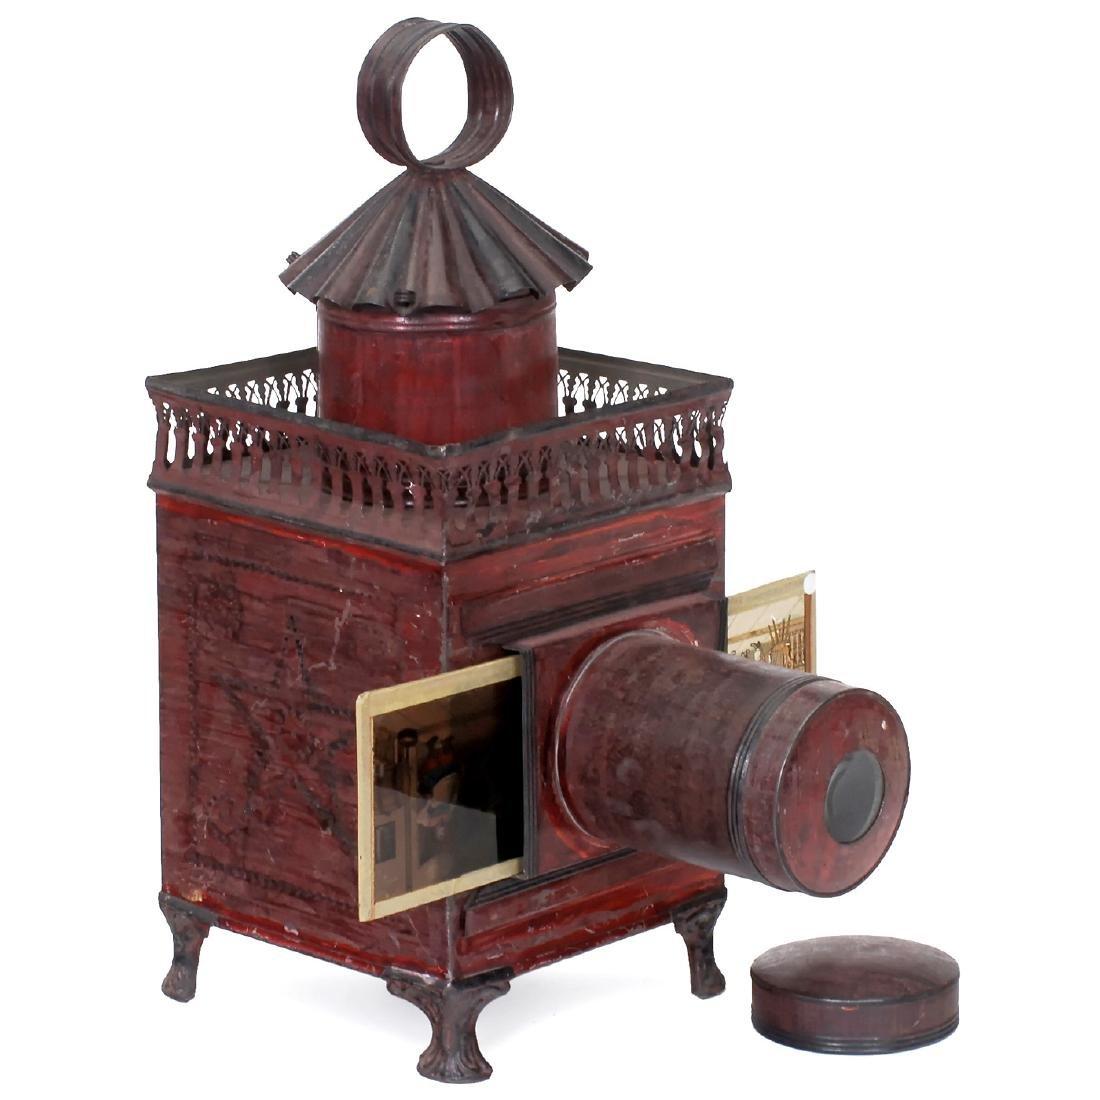 Carrée Magic Lantern by Lapierre, c. 1880